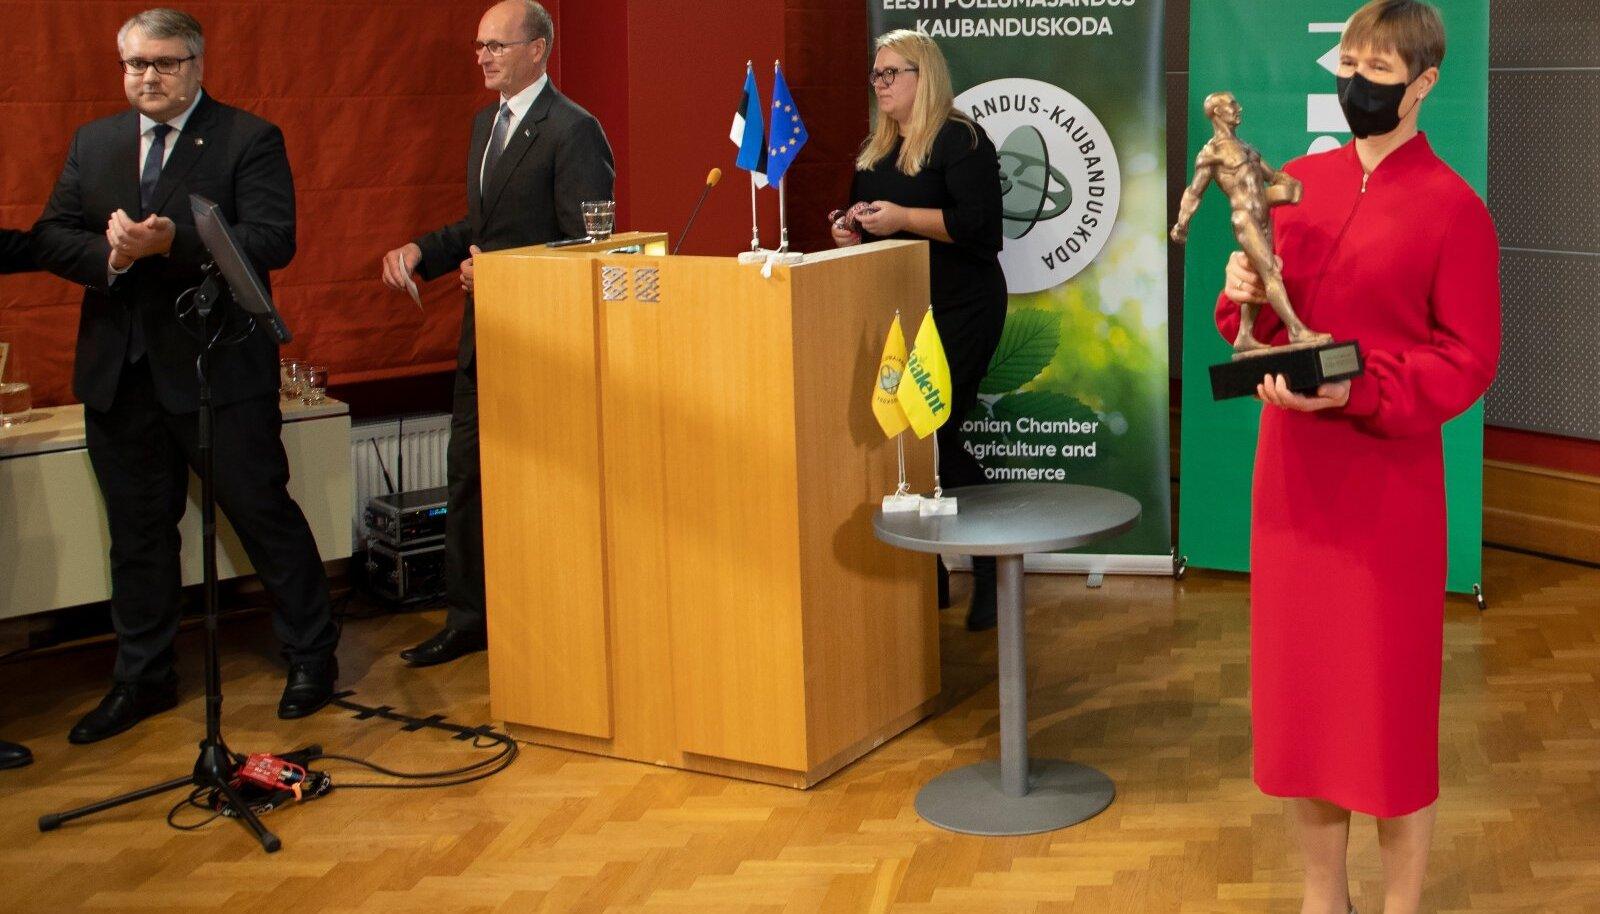 Aasta Põllumees 2020 konverents, Aasta Põllumees 2020 väljakuulutamine,  EV president Kersti Kaljulaid, Roomet Sõrmus, Raul Rosenberg